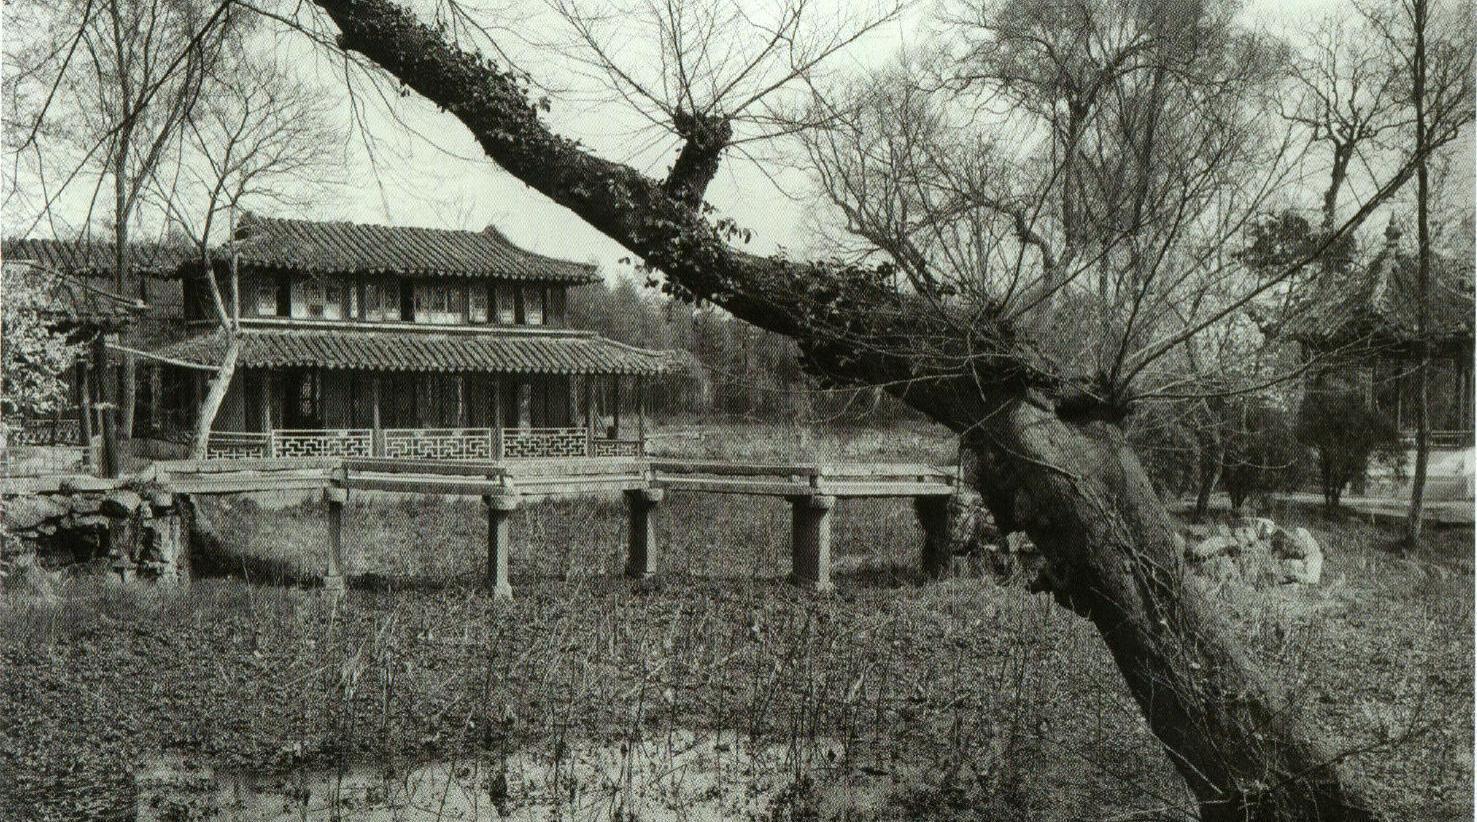 百年前的苏州光影 不看字幕你能认出哪些?